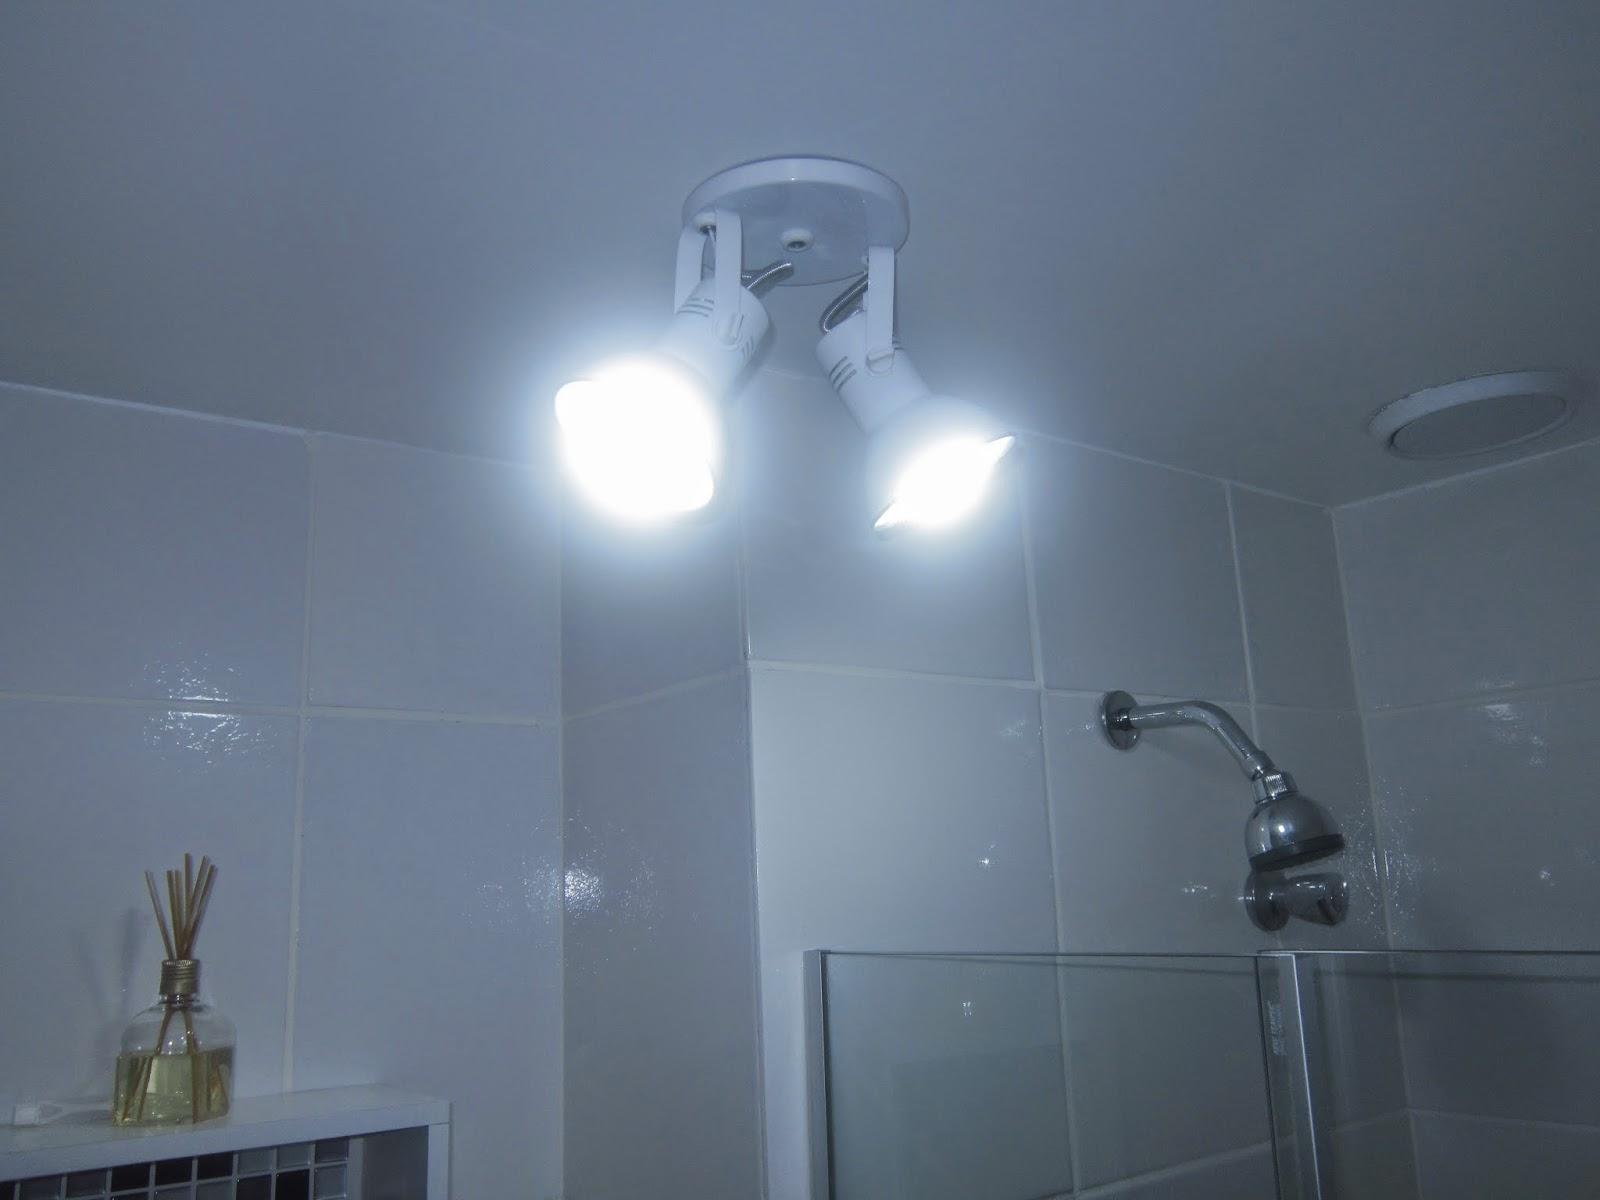 Cafofo Sonhado: Decorando banheiros pequenos: 2 banheiros 2m² cada  #466685 1600x1200 Banheiro Com Luz Azul